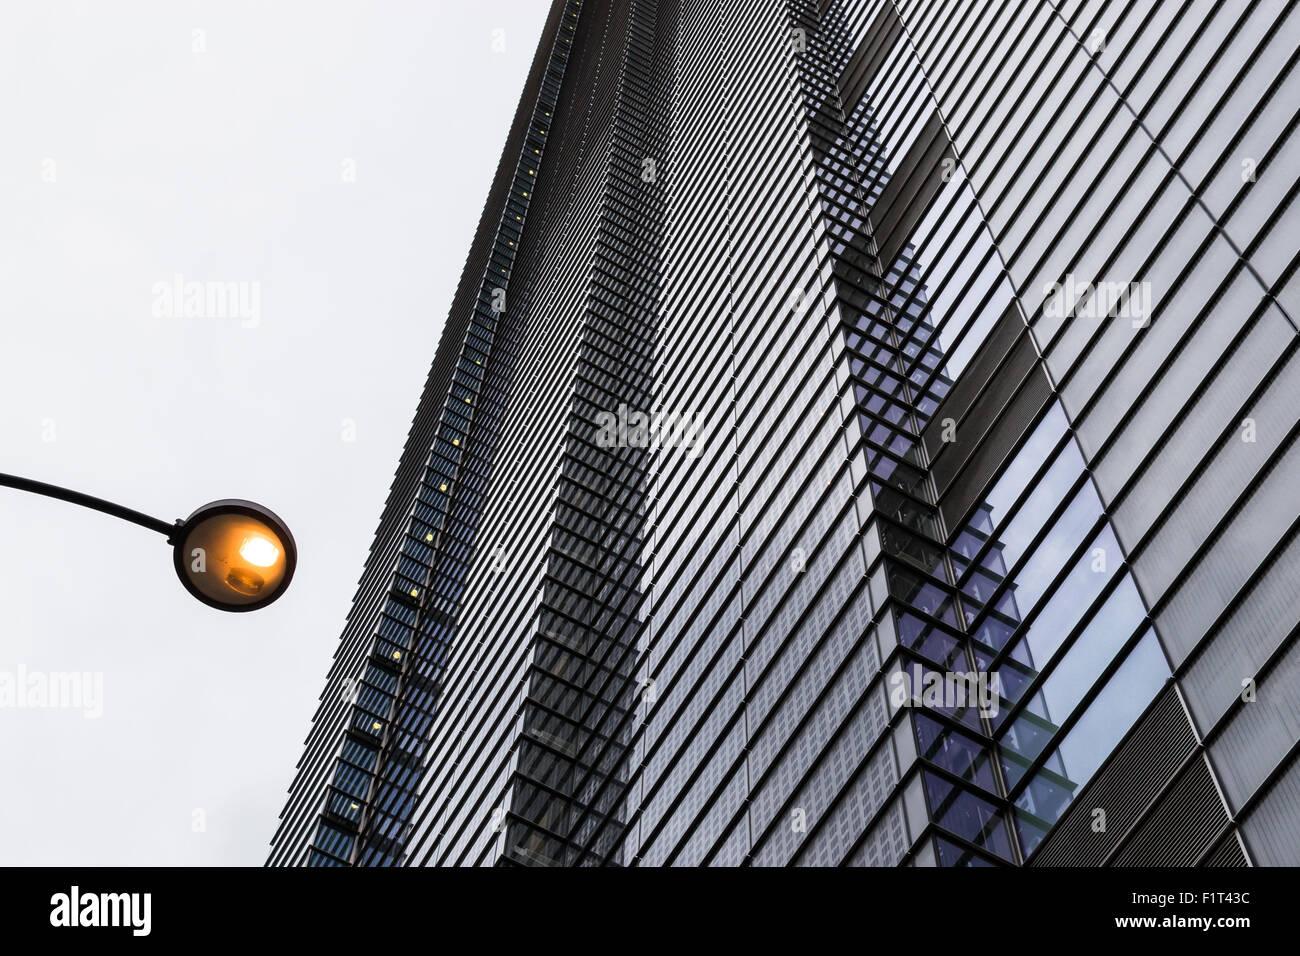 Moderno edificio di astratta design con motivi ripetitivi in forma di finestra Immagini Stock